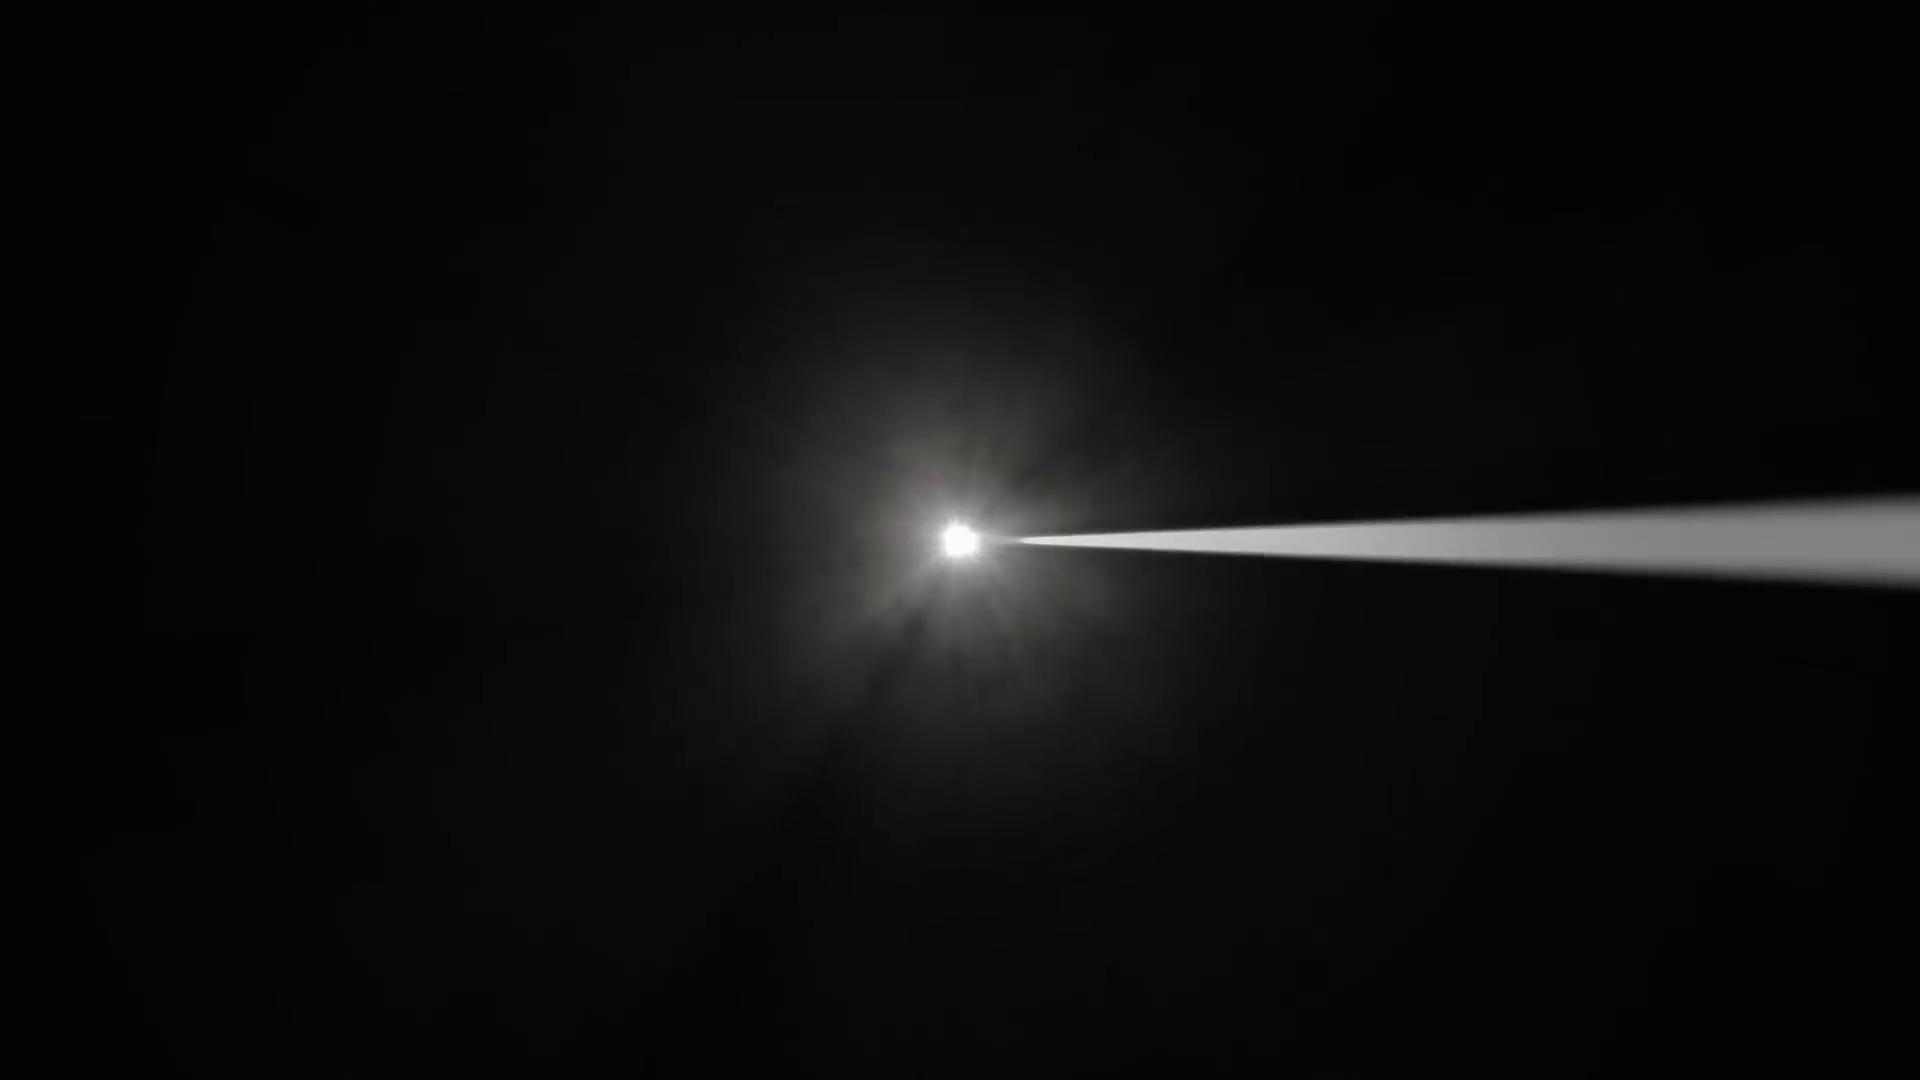 Científicos descubren una nueva forma en que la luz interactúa con la materia